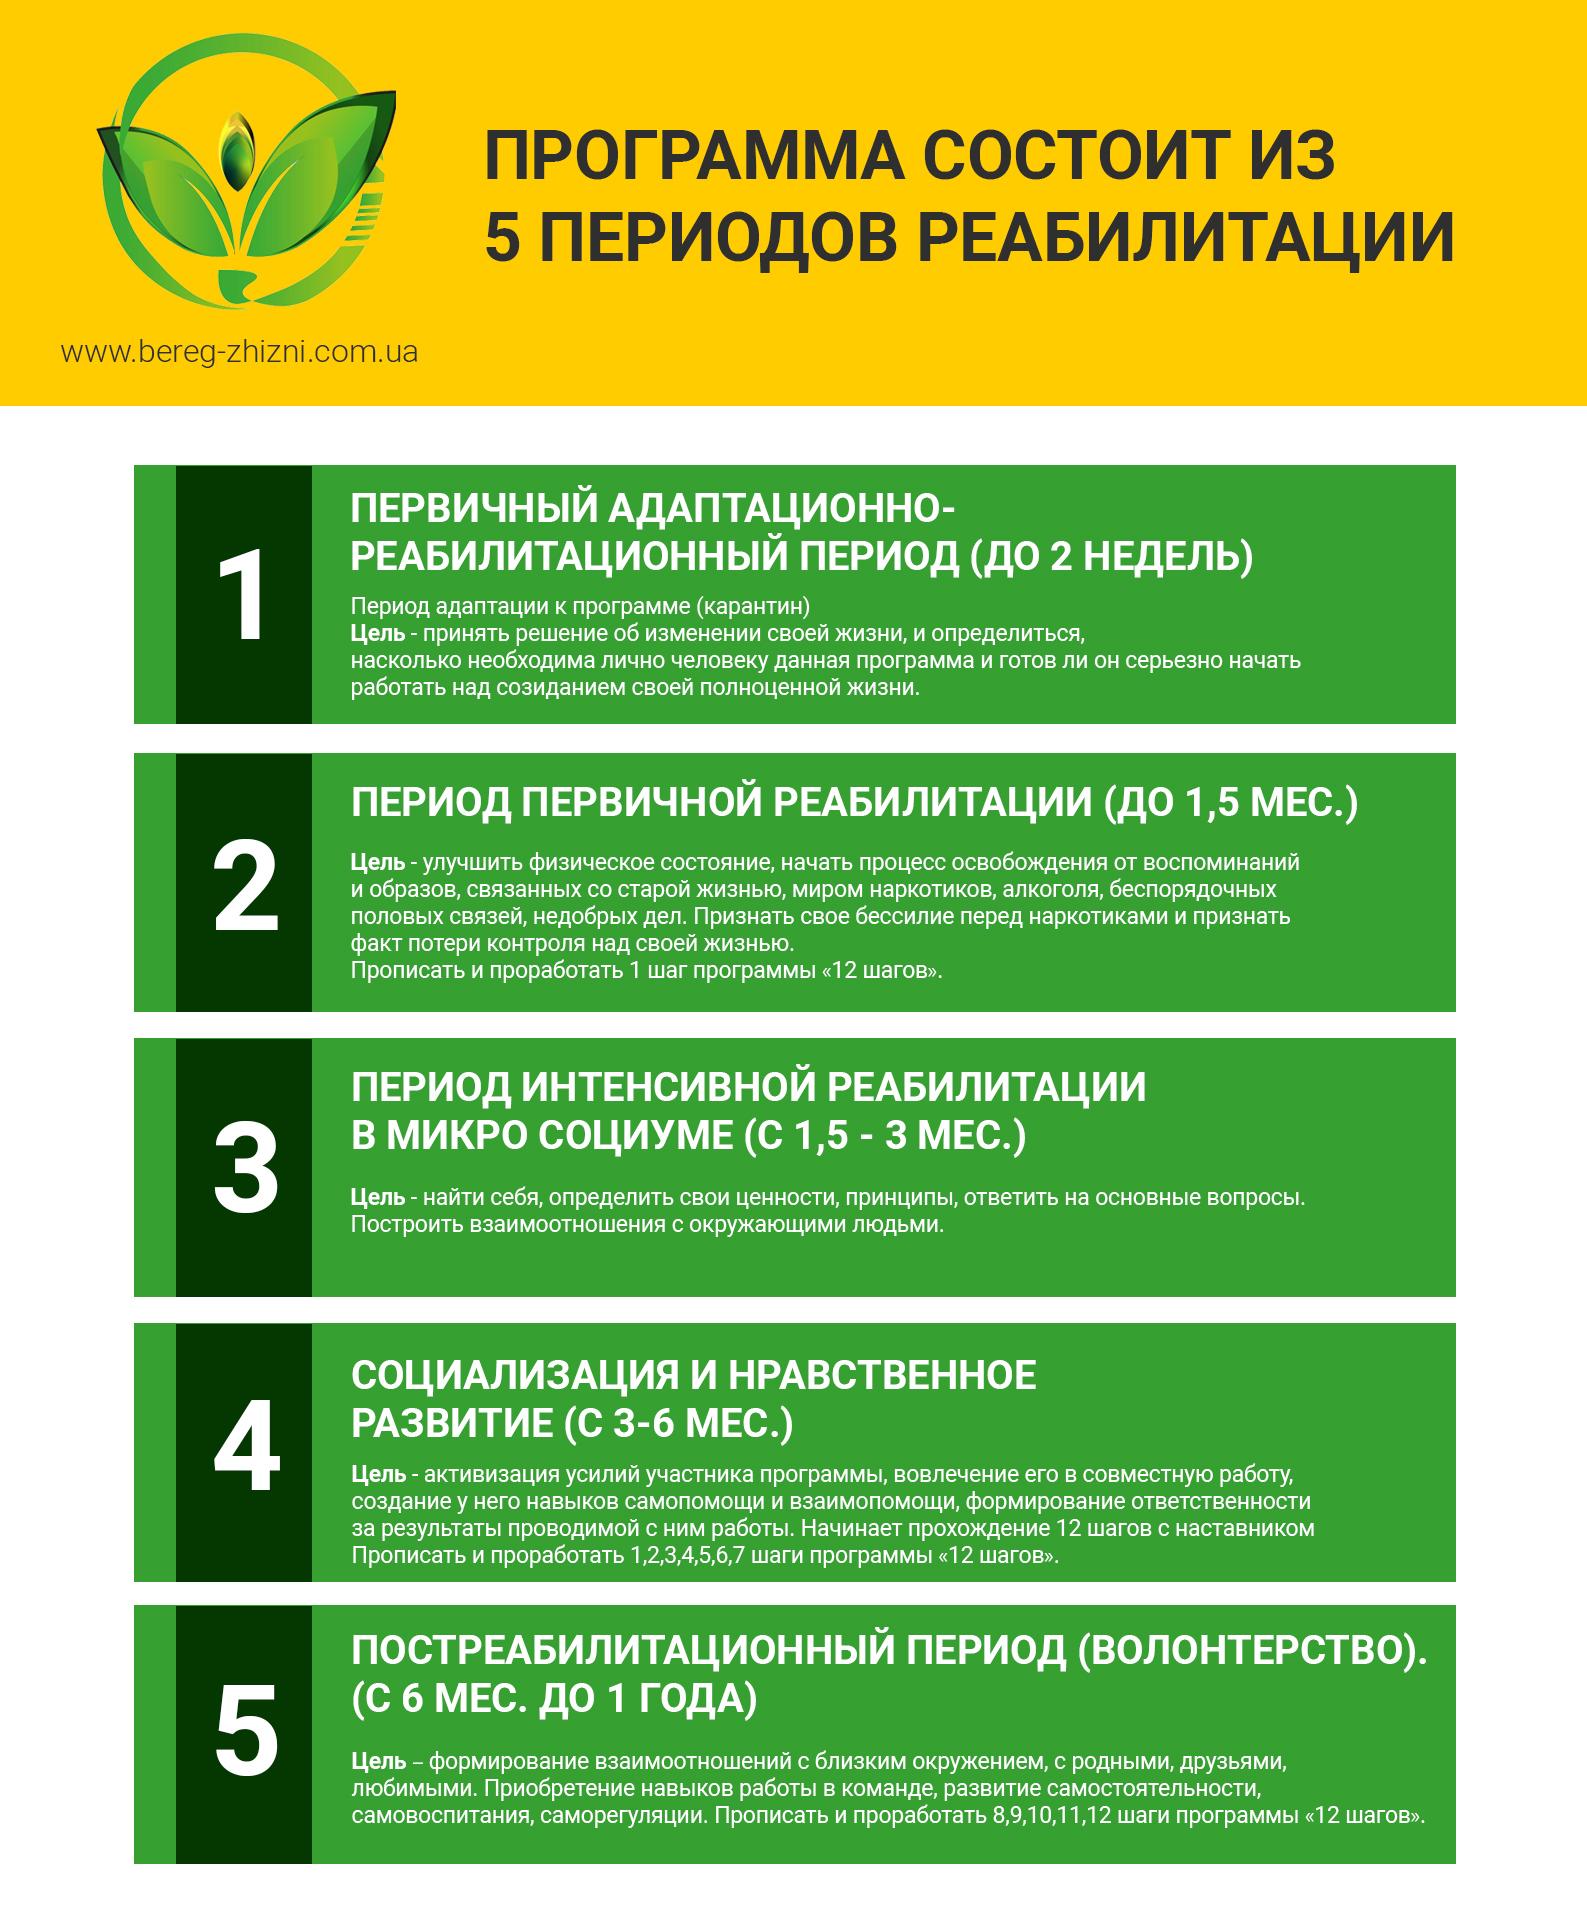 программа реабилитации в реабилитационном центре